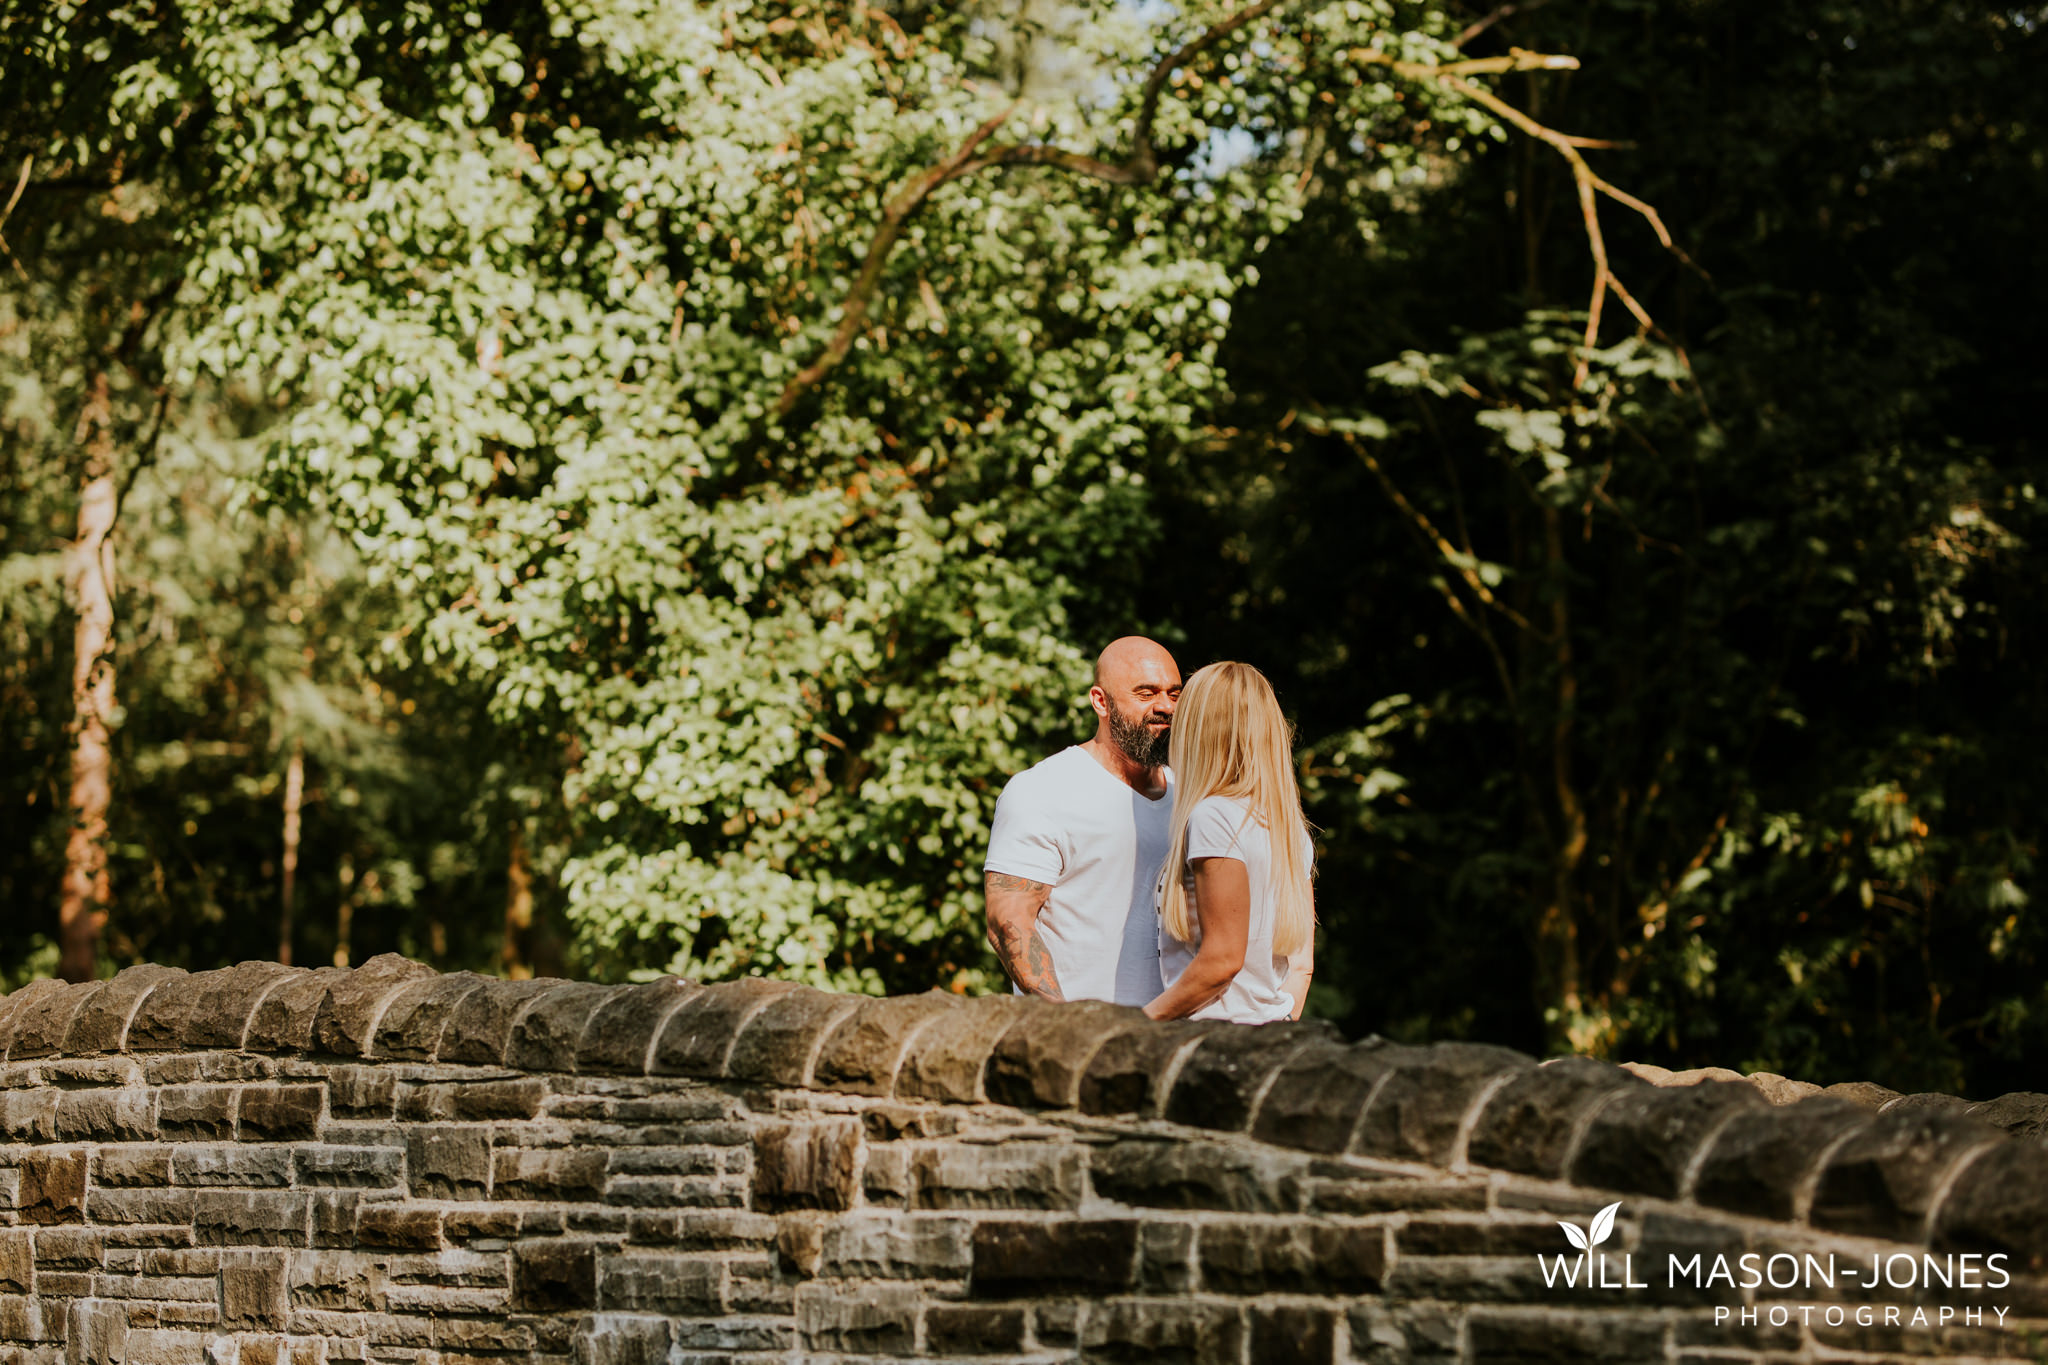 penllegaer-woods-couple-engagement-photographer-swansea-64.jpg